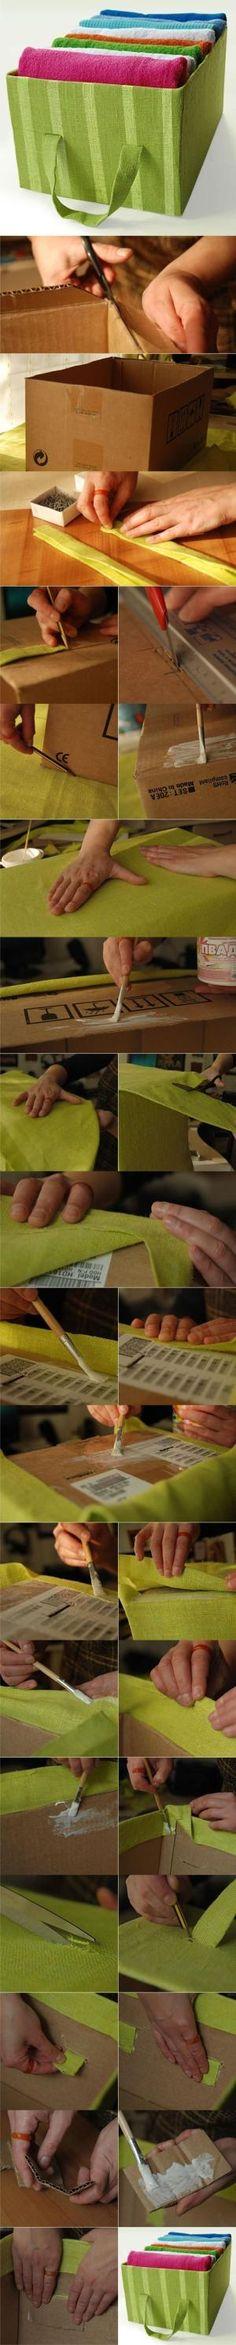 Tutoriel pour faire une jolie boite recouverte de tissu - DIY storage box by JohannaCantrell